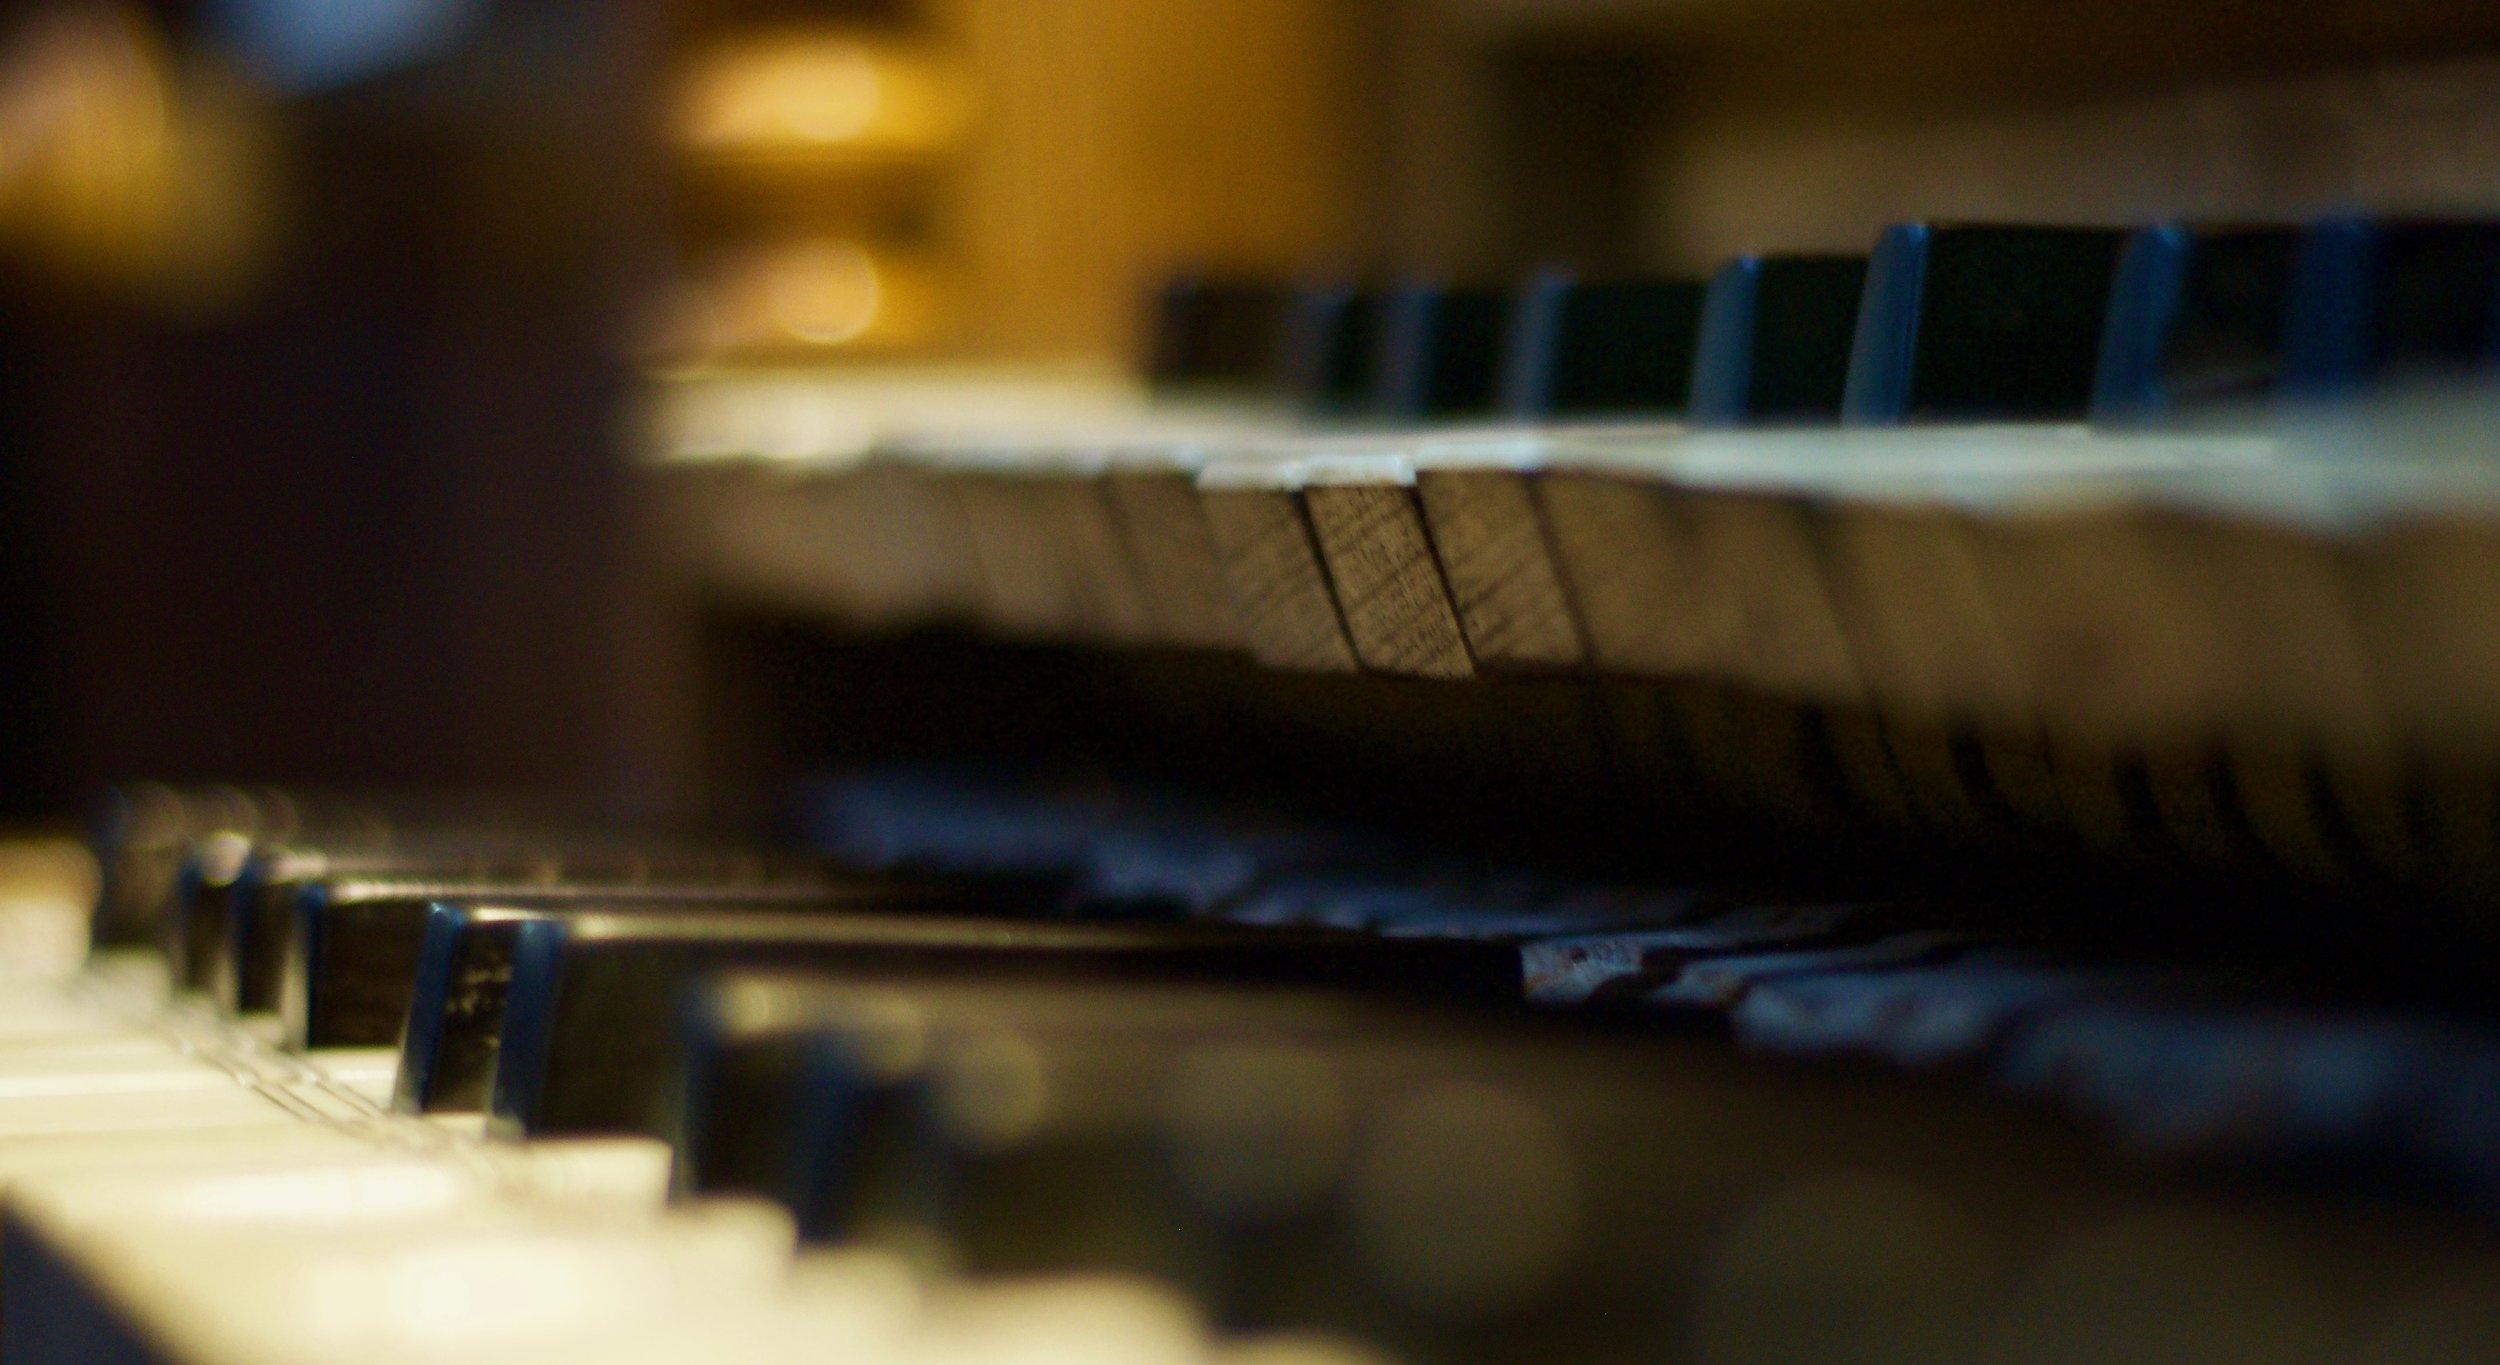 The keyboard of Rozay-en-Brie!